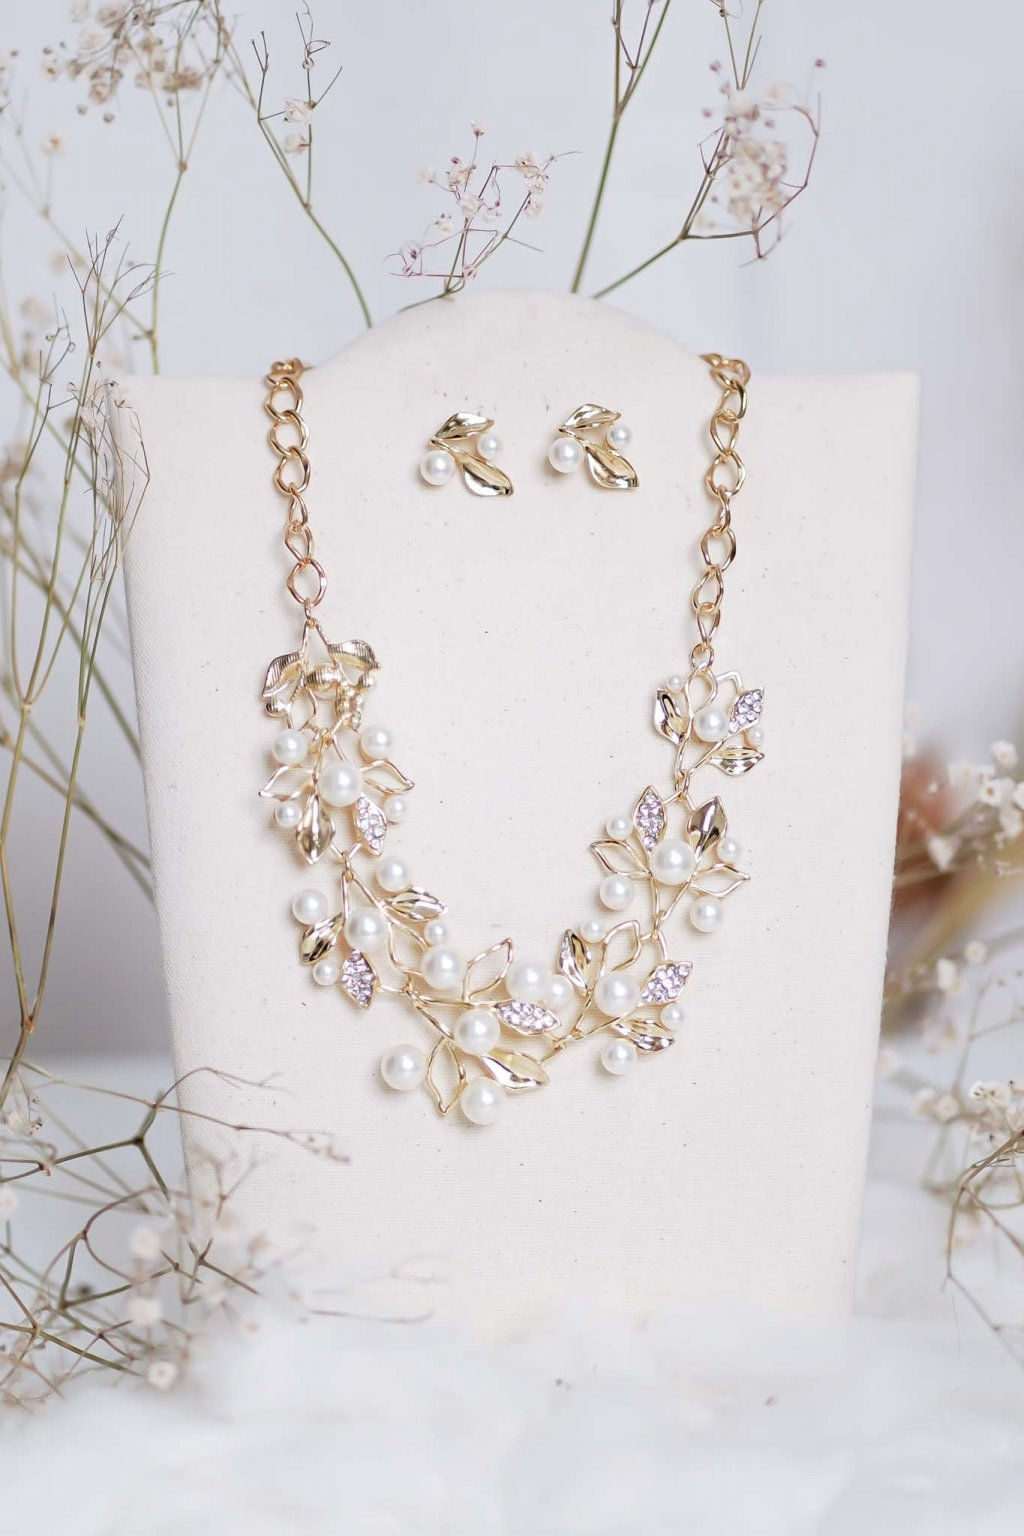 náhrdelník, spoločenský, bežný deň, kamienkový, farebný, čierny, strieborný, zelený, cyklamenévy, náhrdelník, bižuteria, šperk, šperky, ples, stužková, svadba, 040